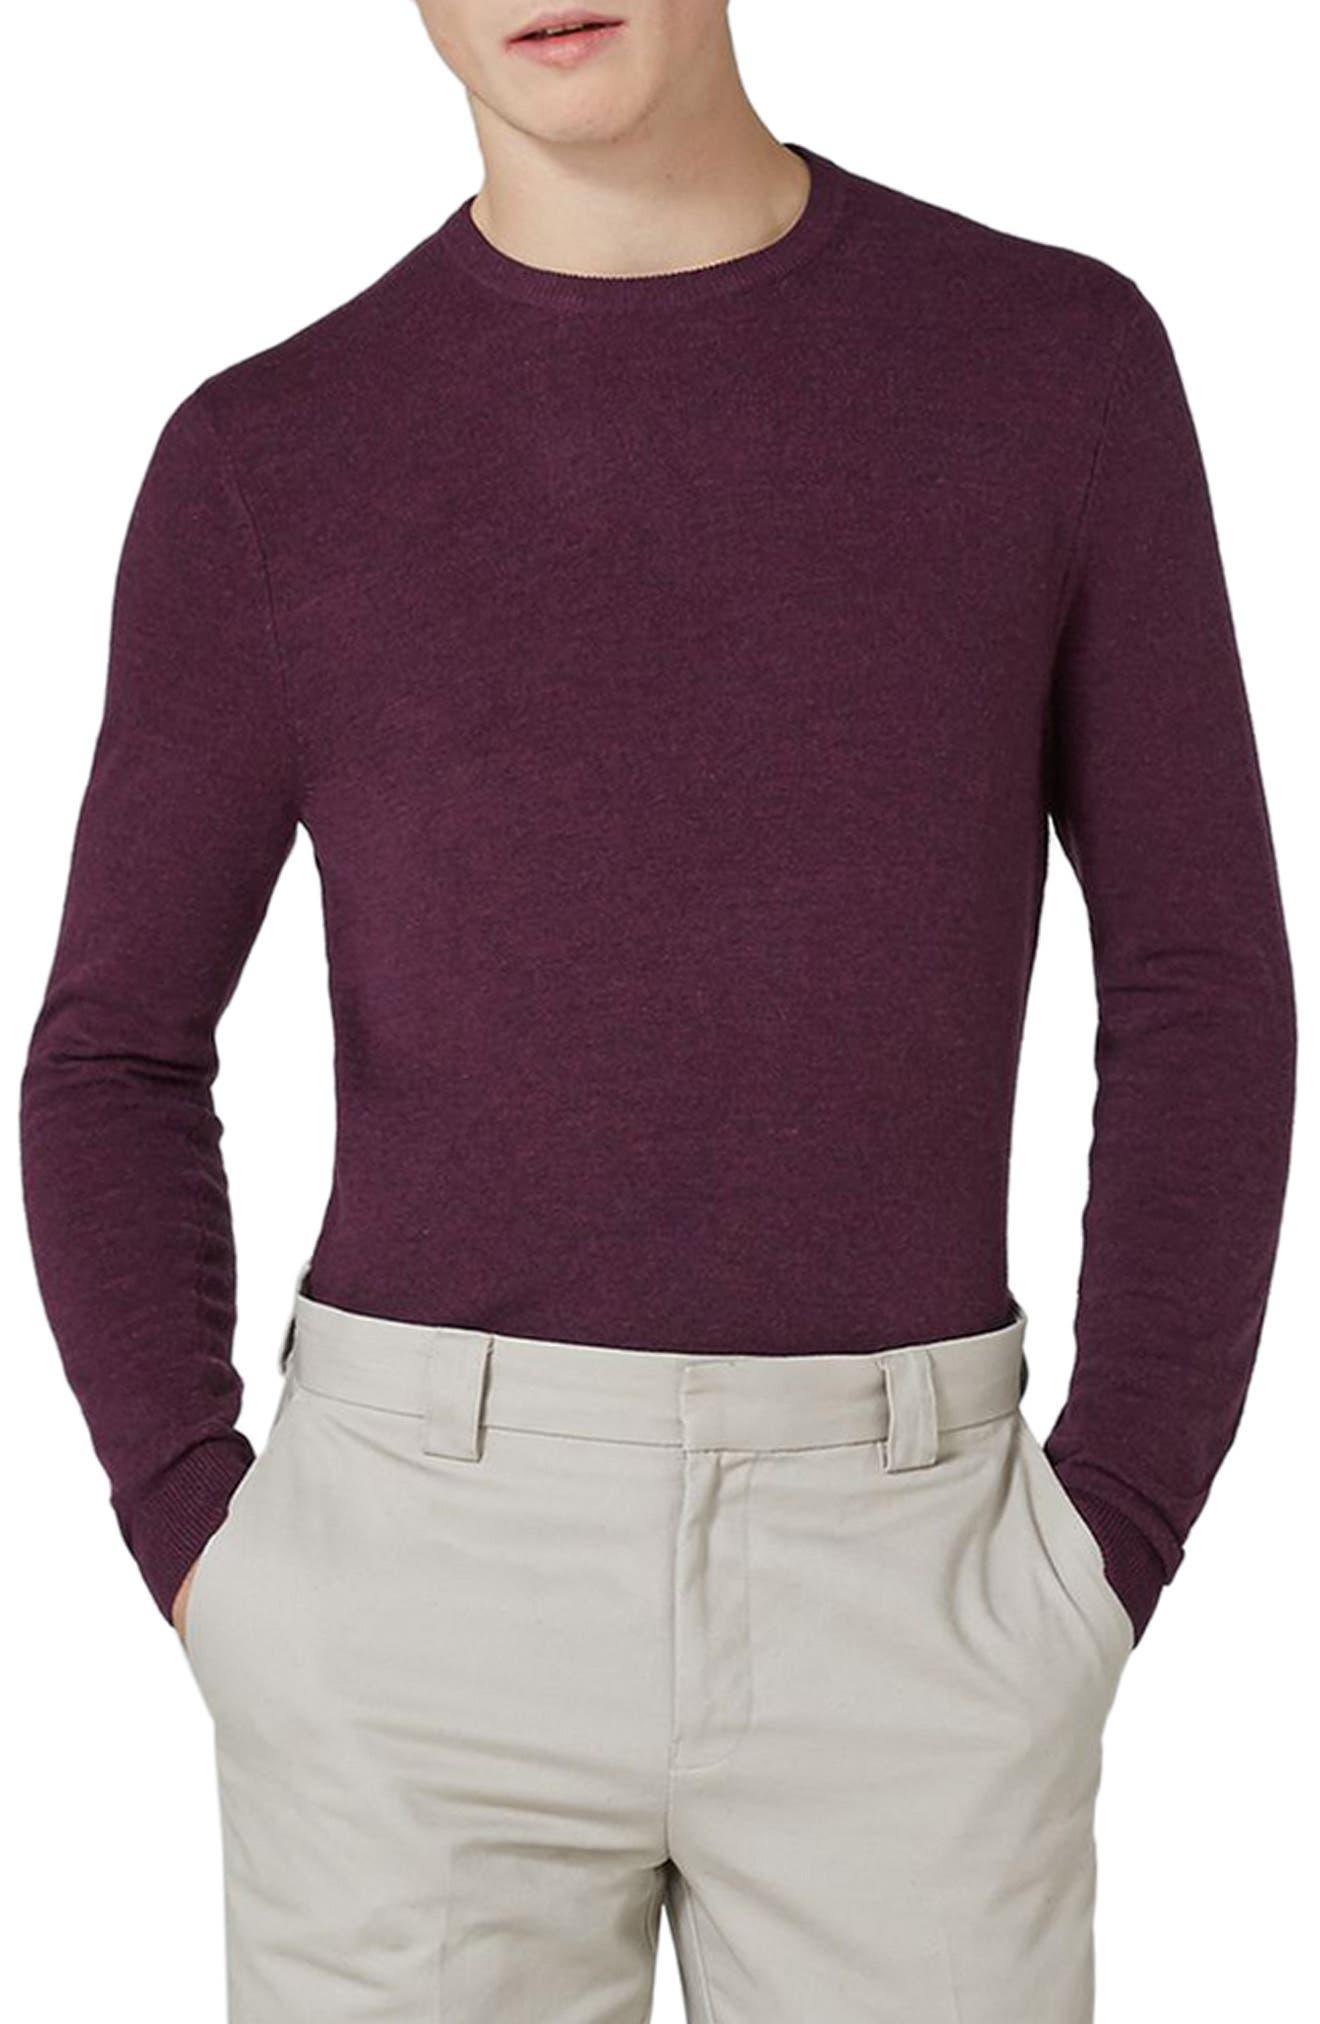 Crewneck Sweater,                             Main thumbnail 1, color,                             Burgundy